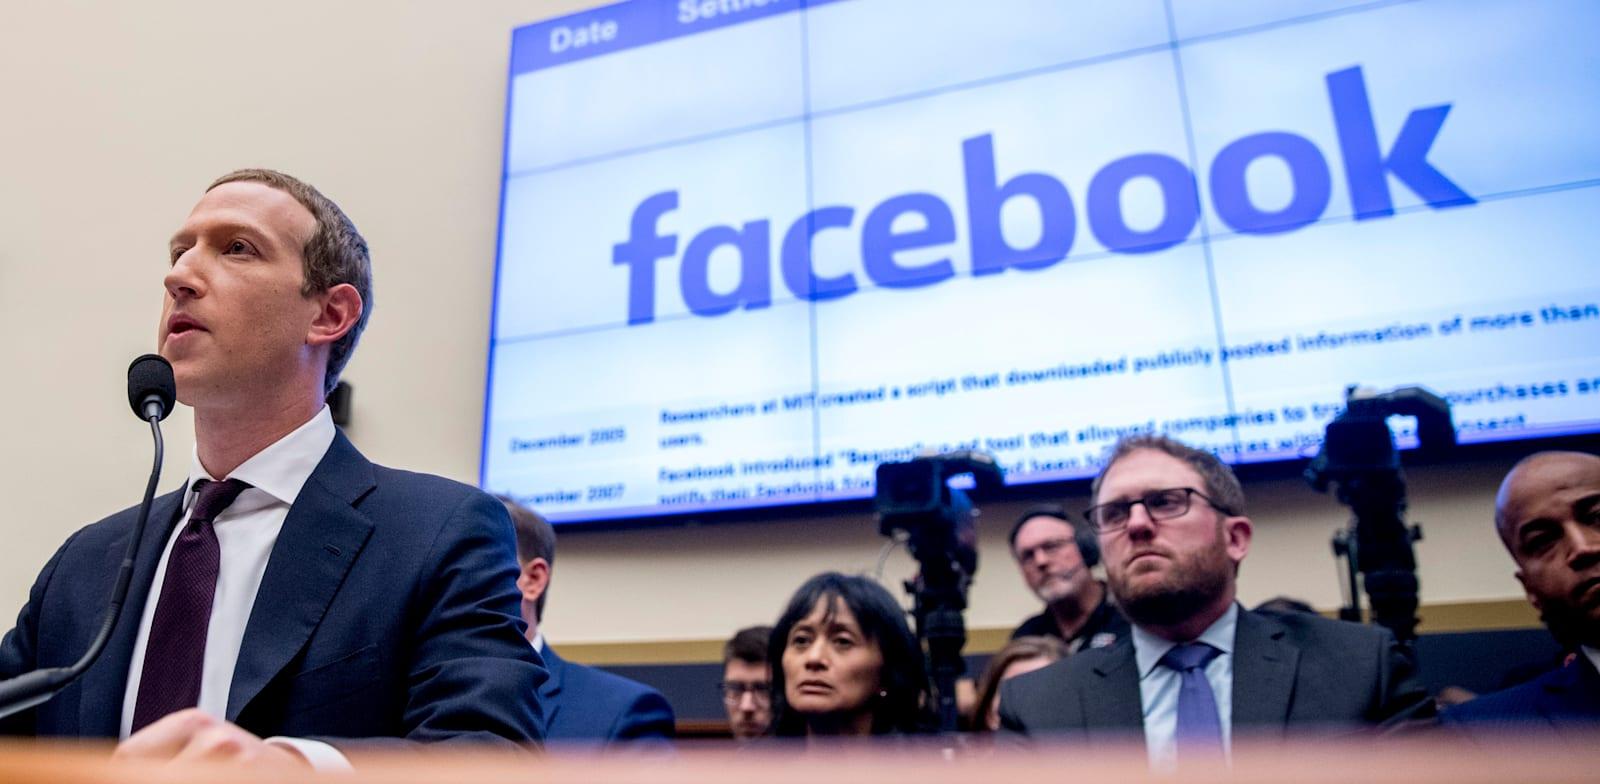 מסייד פייסבוק מארק צוקרברג מעיד בפני הקונגרס ב־2019 / צילום: Associated Press, Andrew Harnik